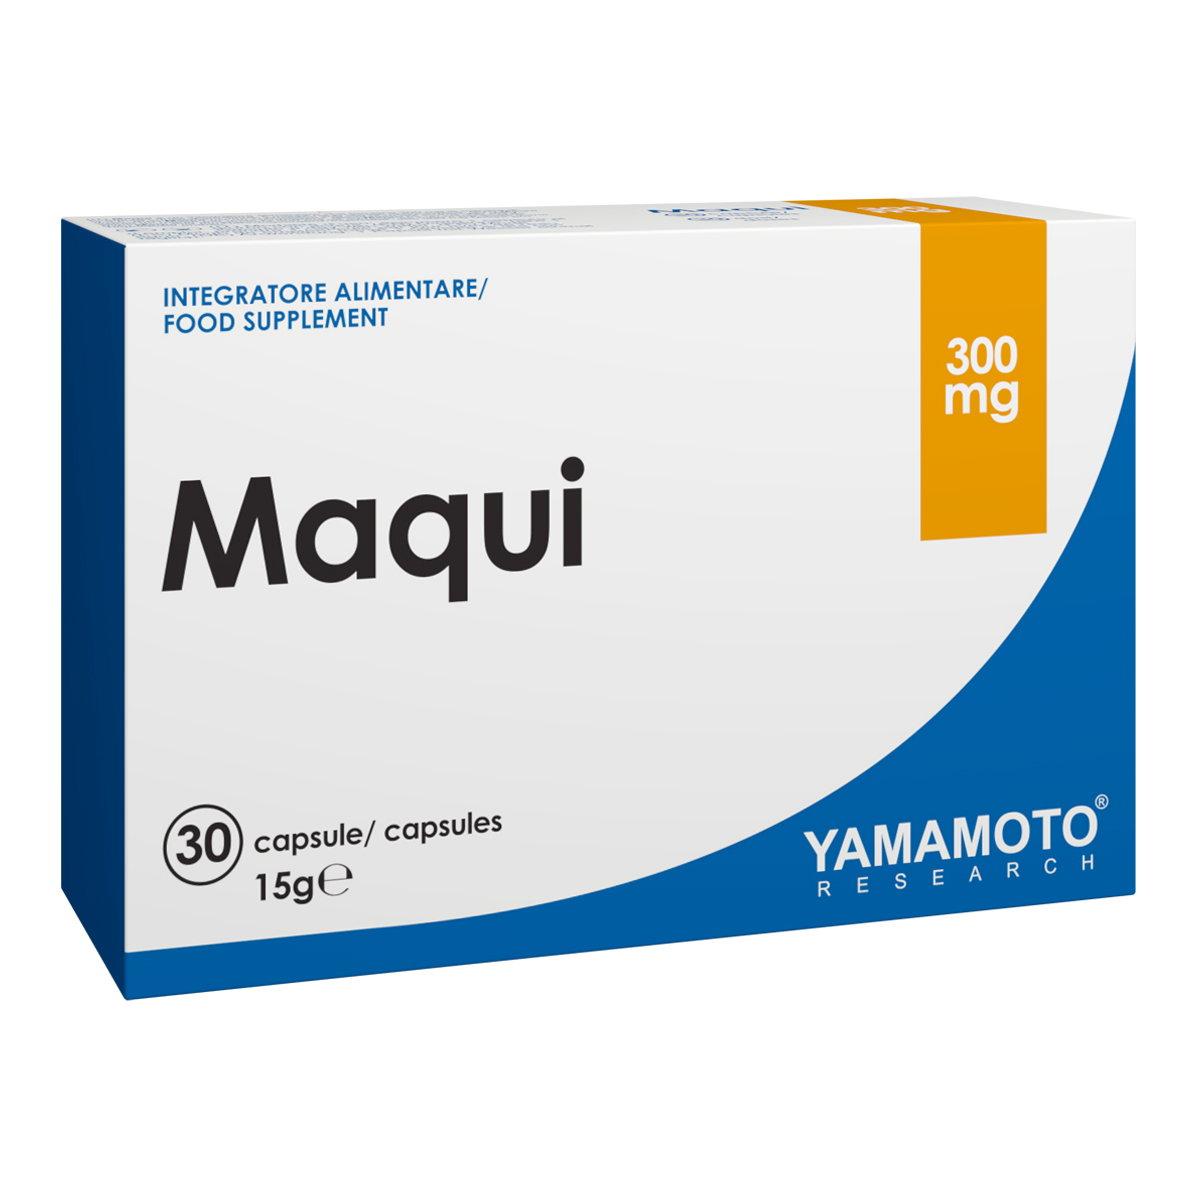 Yamamoto Research Maqui